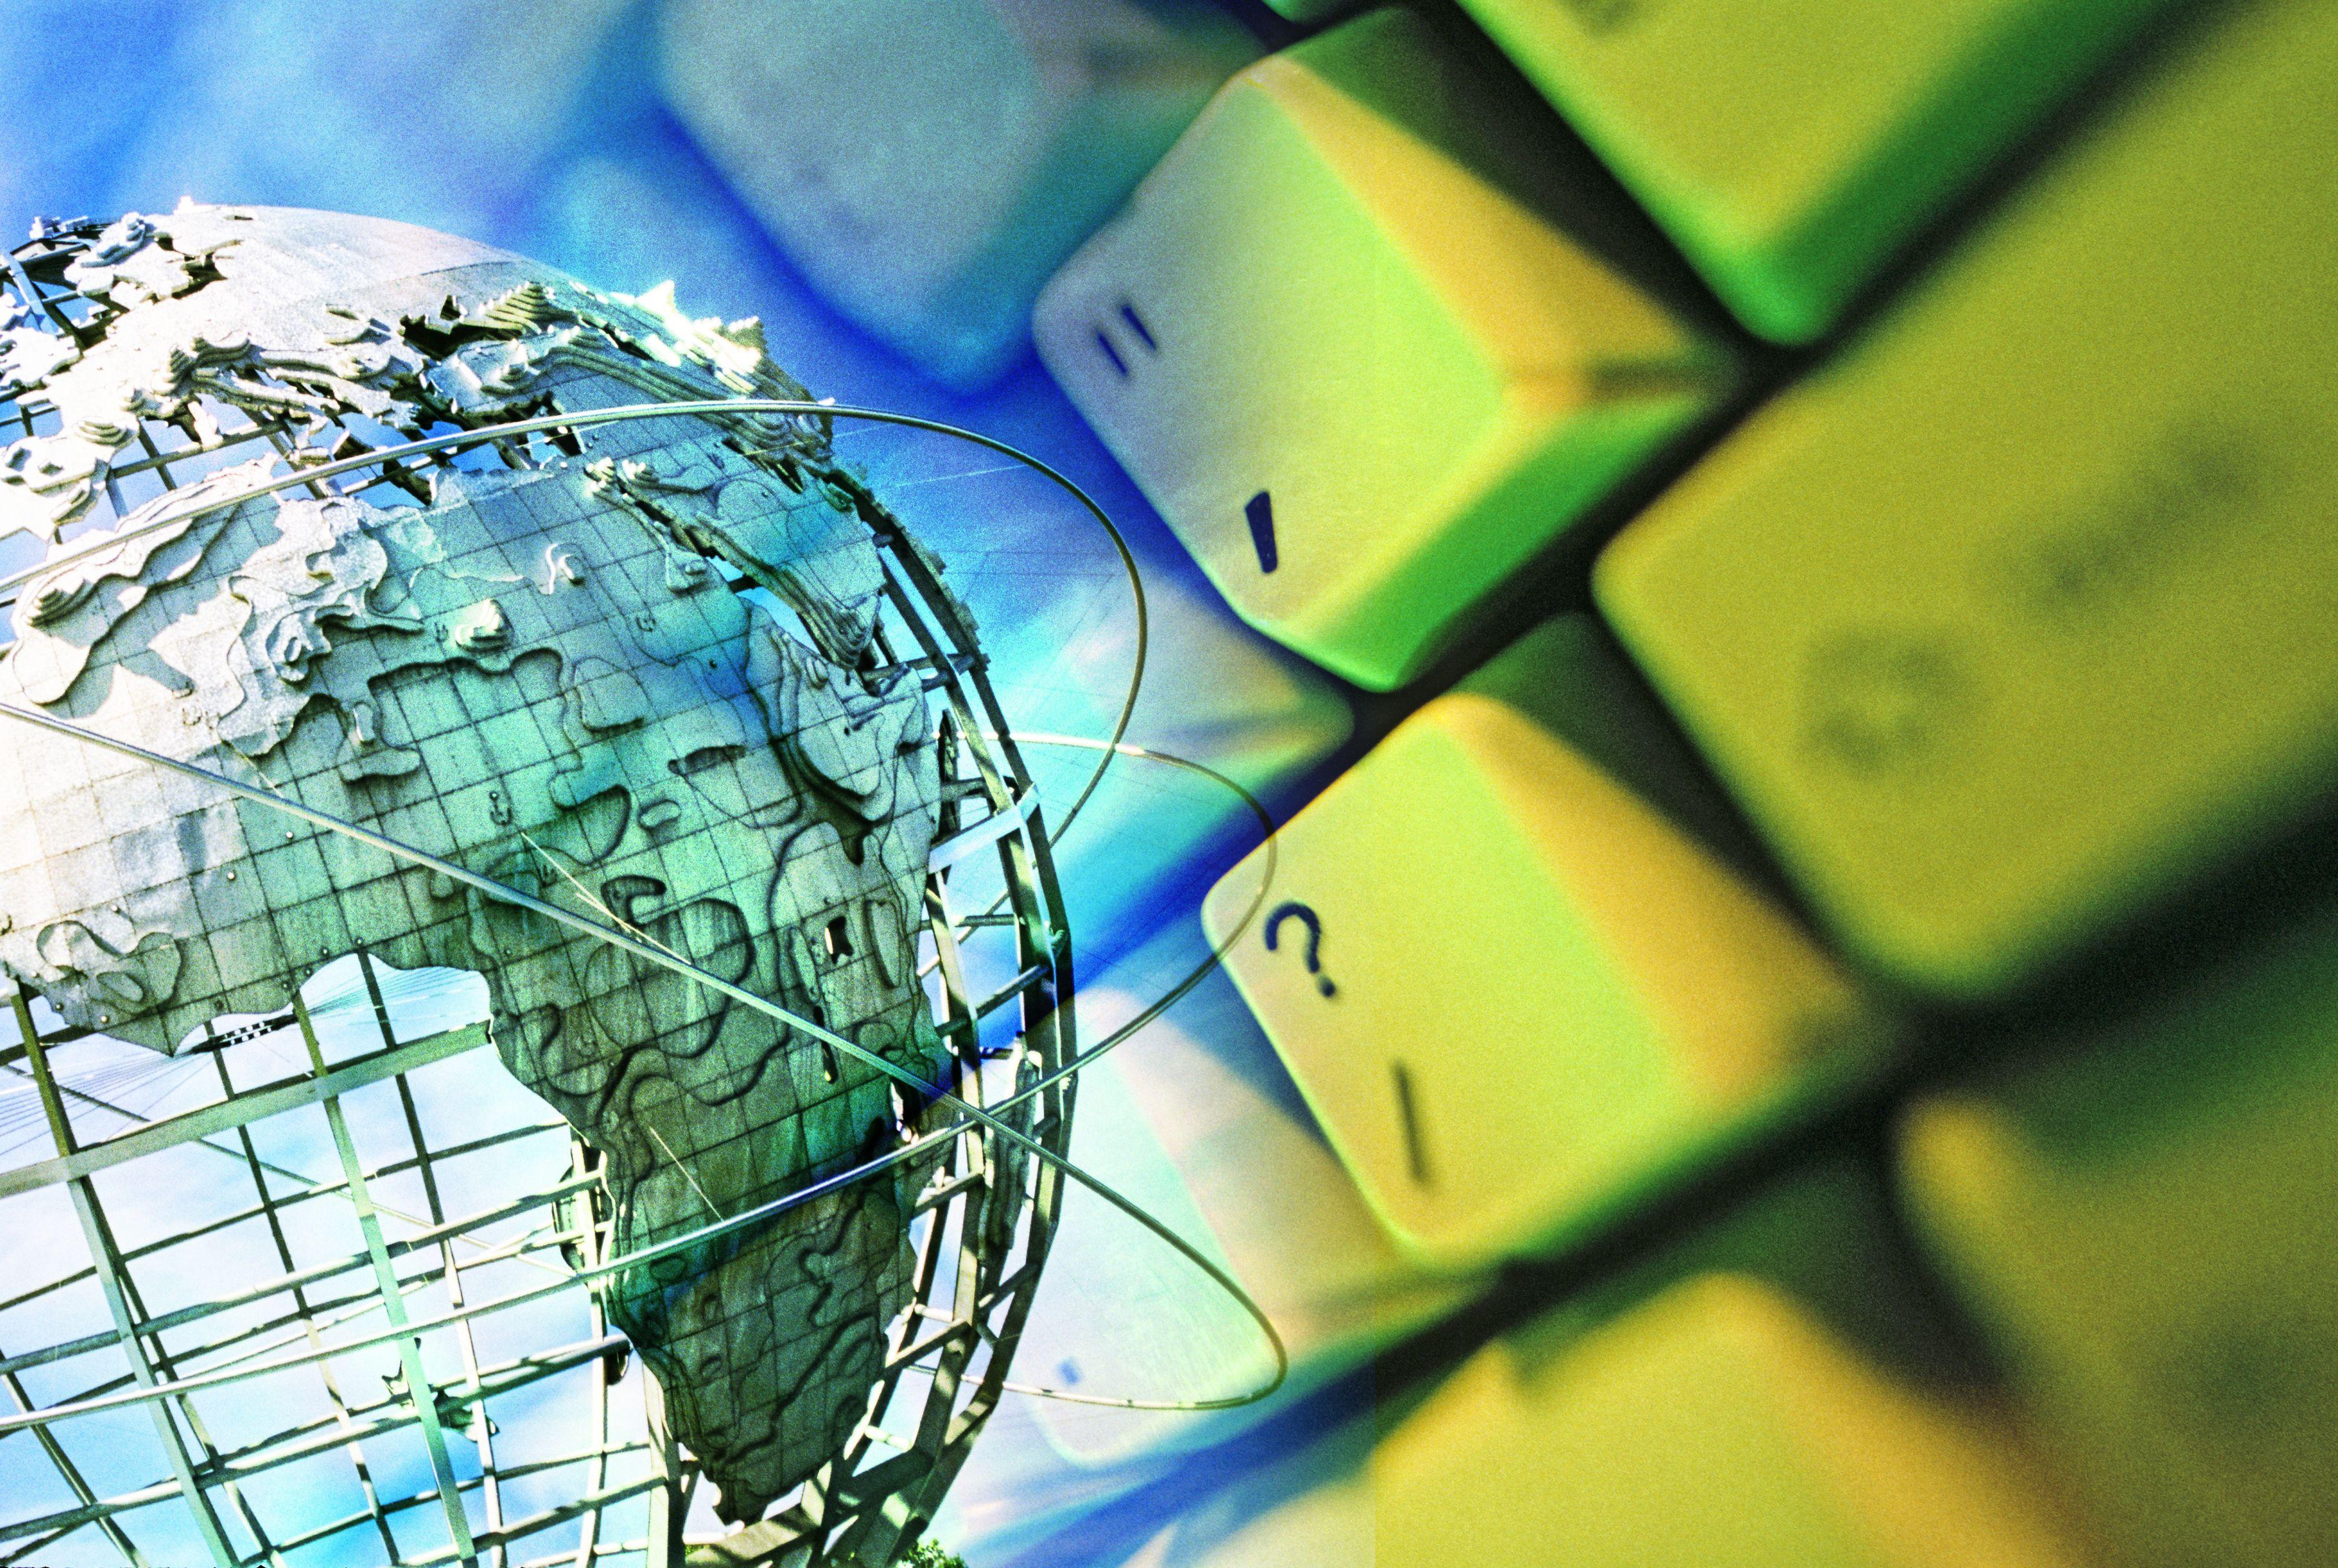 ICT in Nigeria